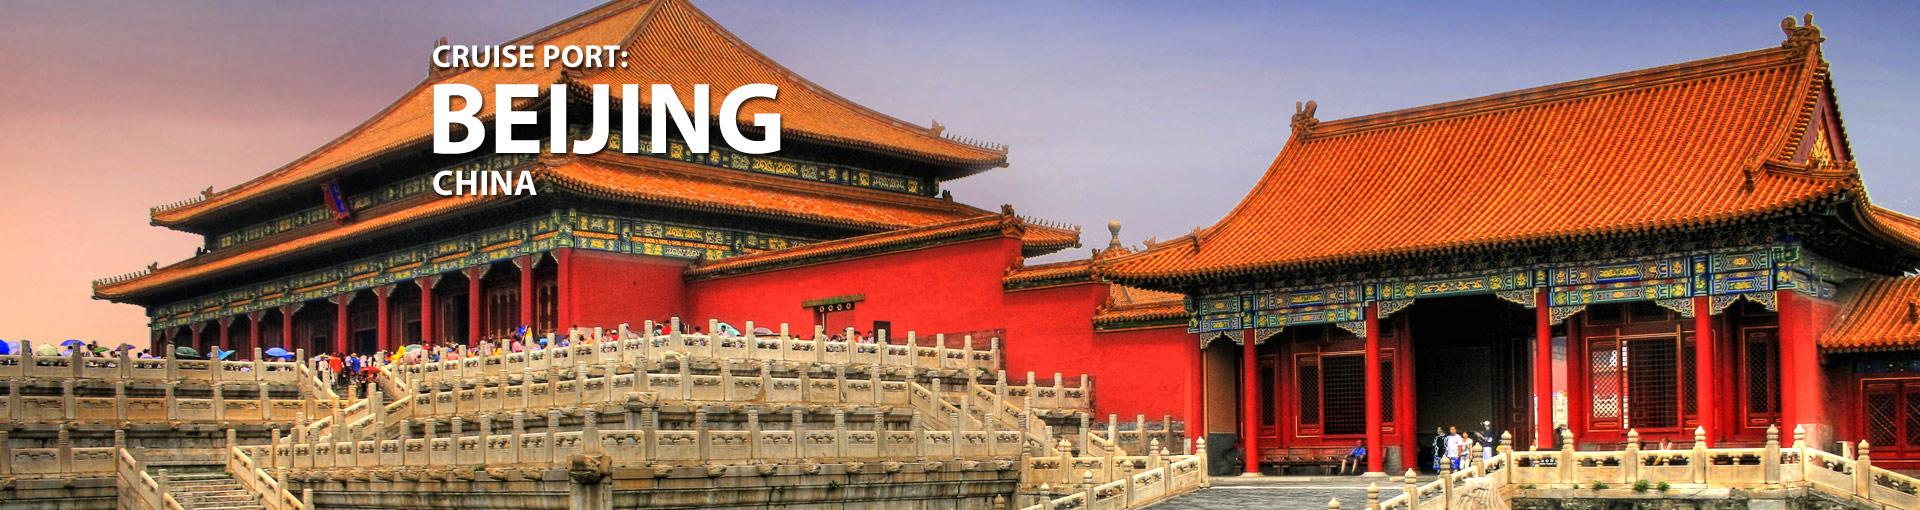 Cruises from Beijing, China